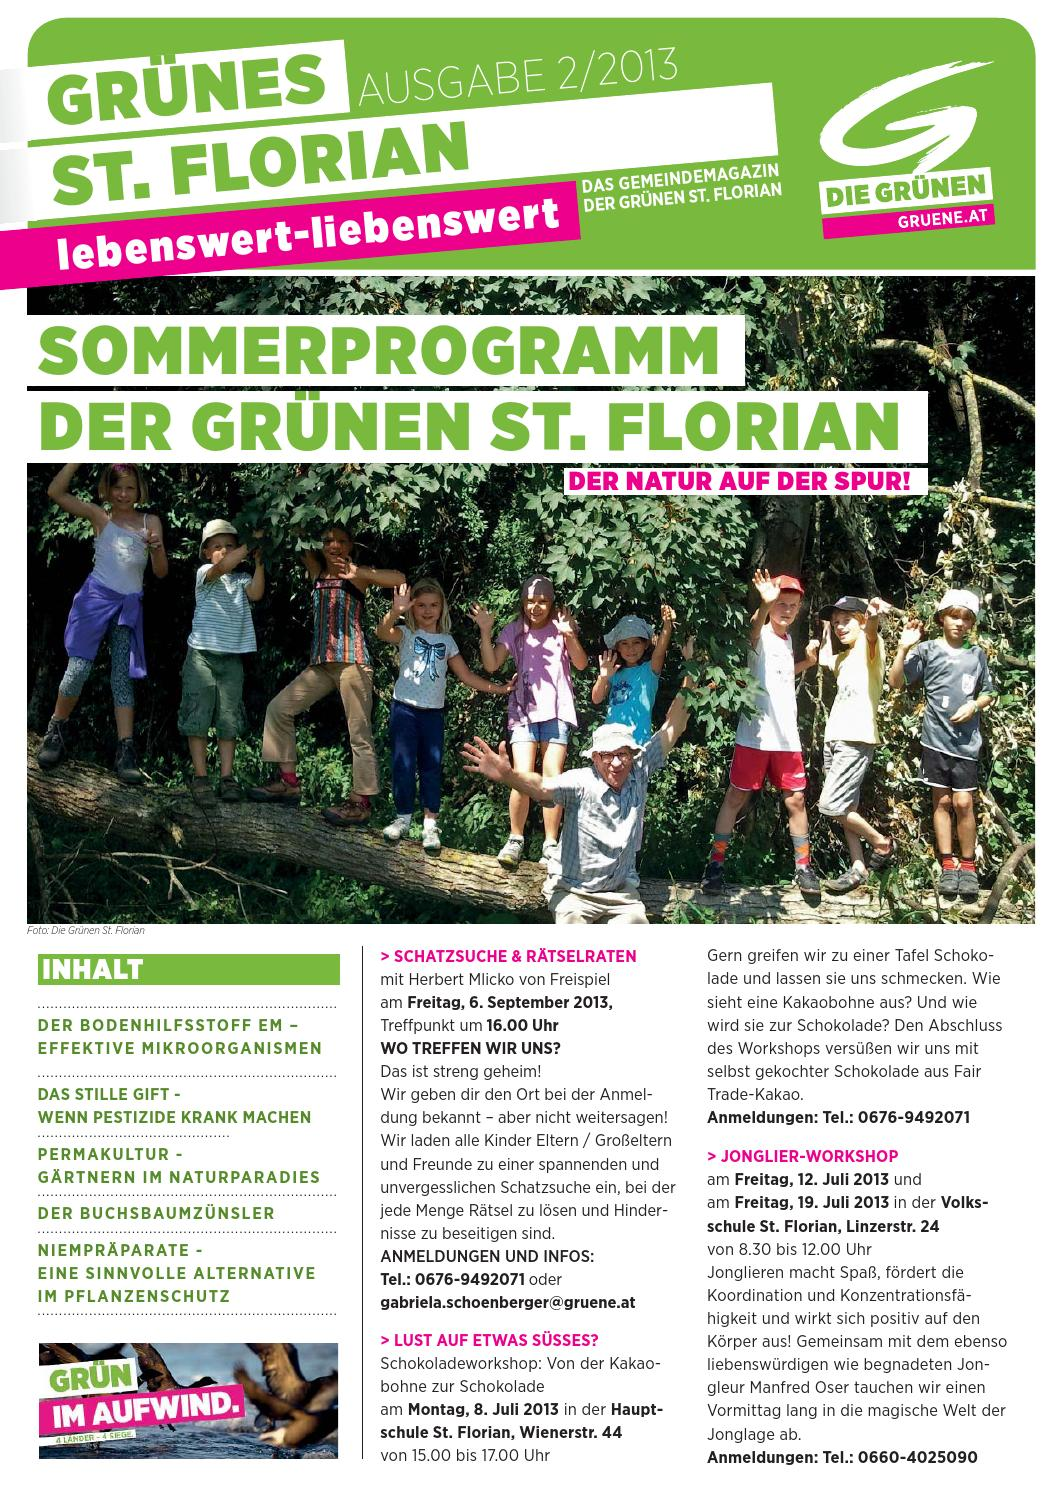 2013/02 Grünes St. Florian By Die Grünen Linz-Land